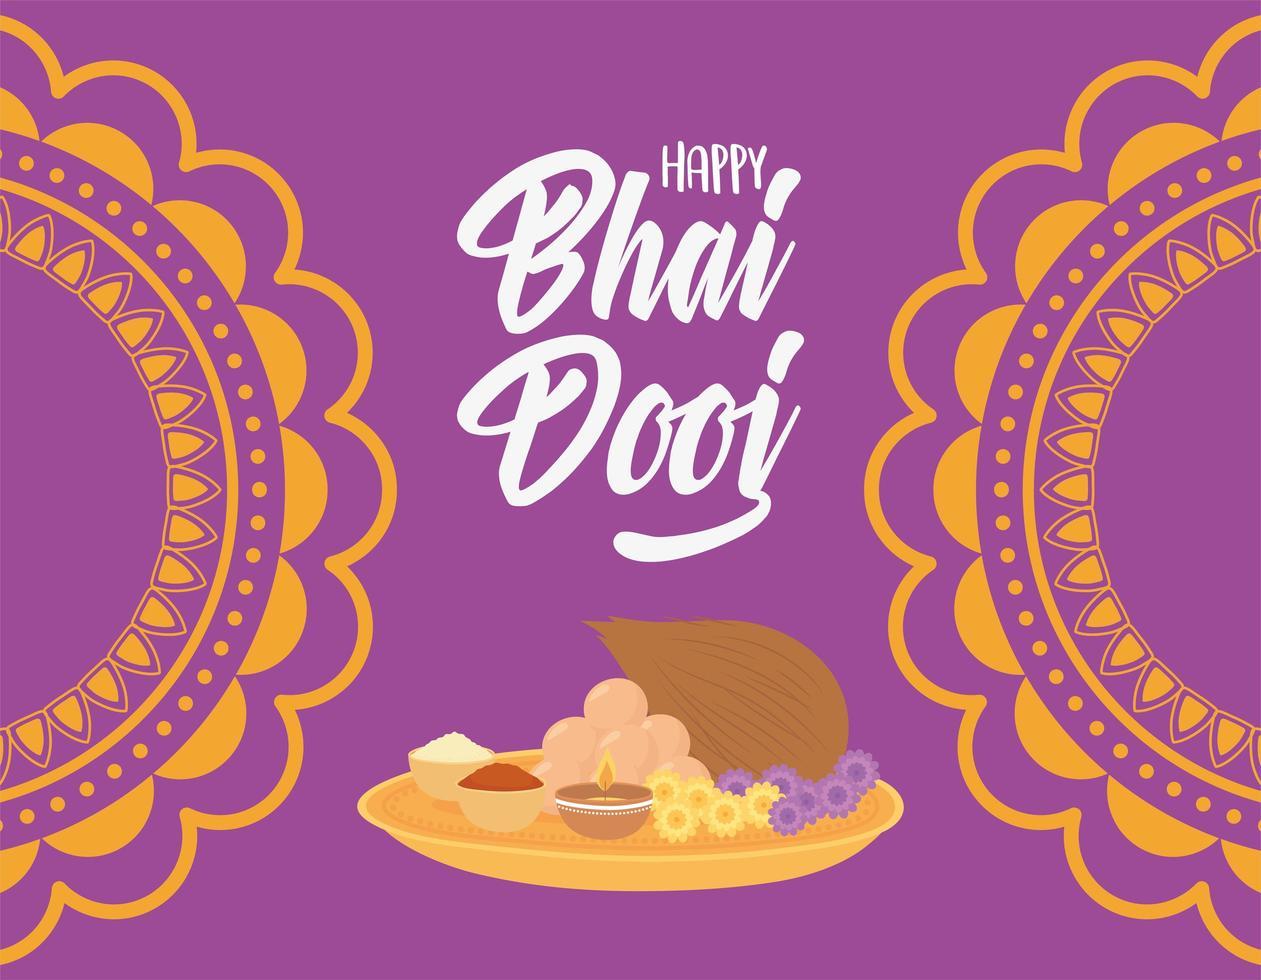 joyeux bhai dooj, cérémonie de célébration indienne vecteur